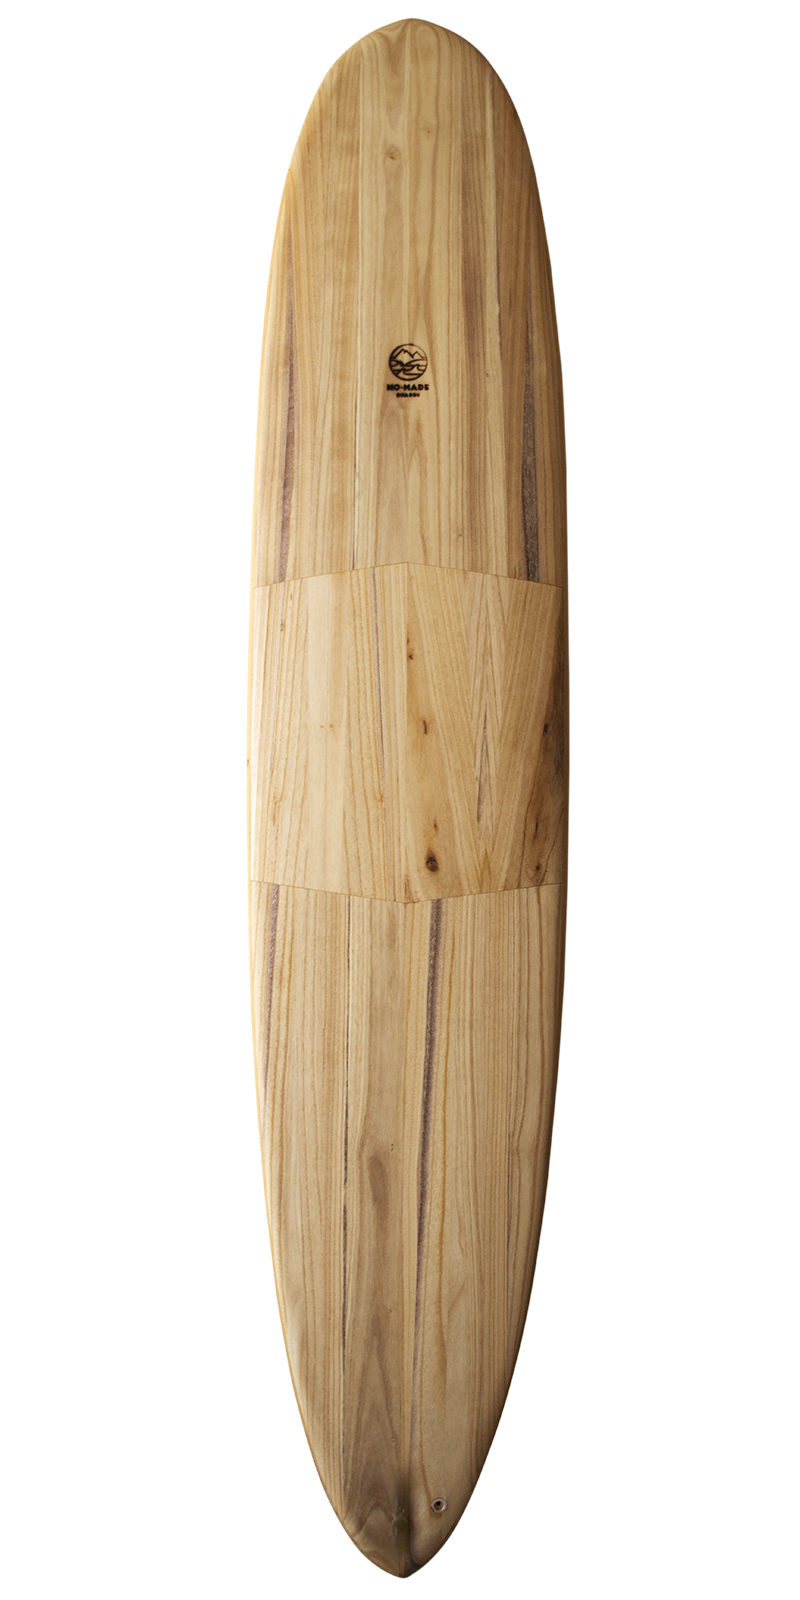 Kahli Longboard Surfboard No Made Boards Wooden Surfboards